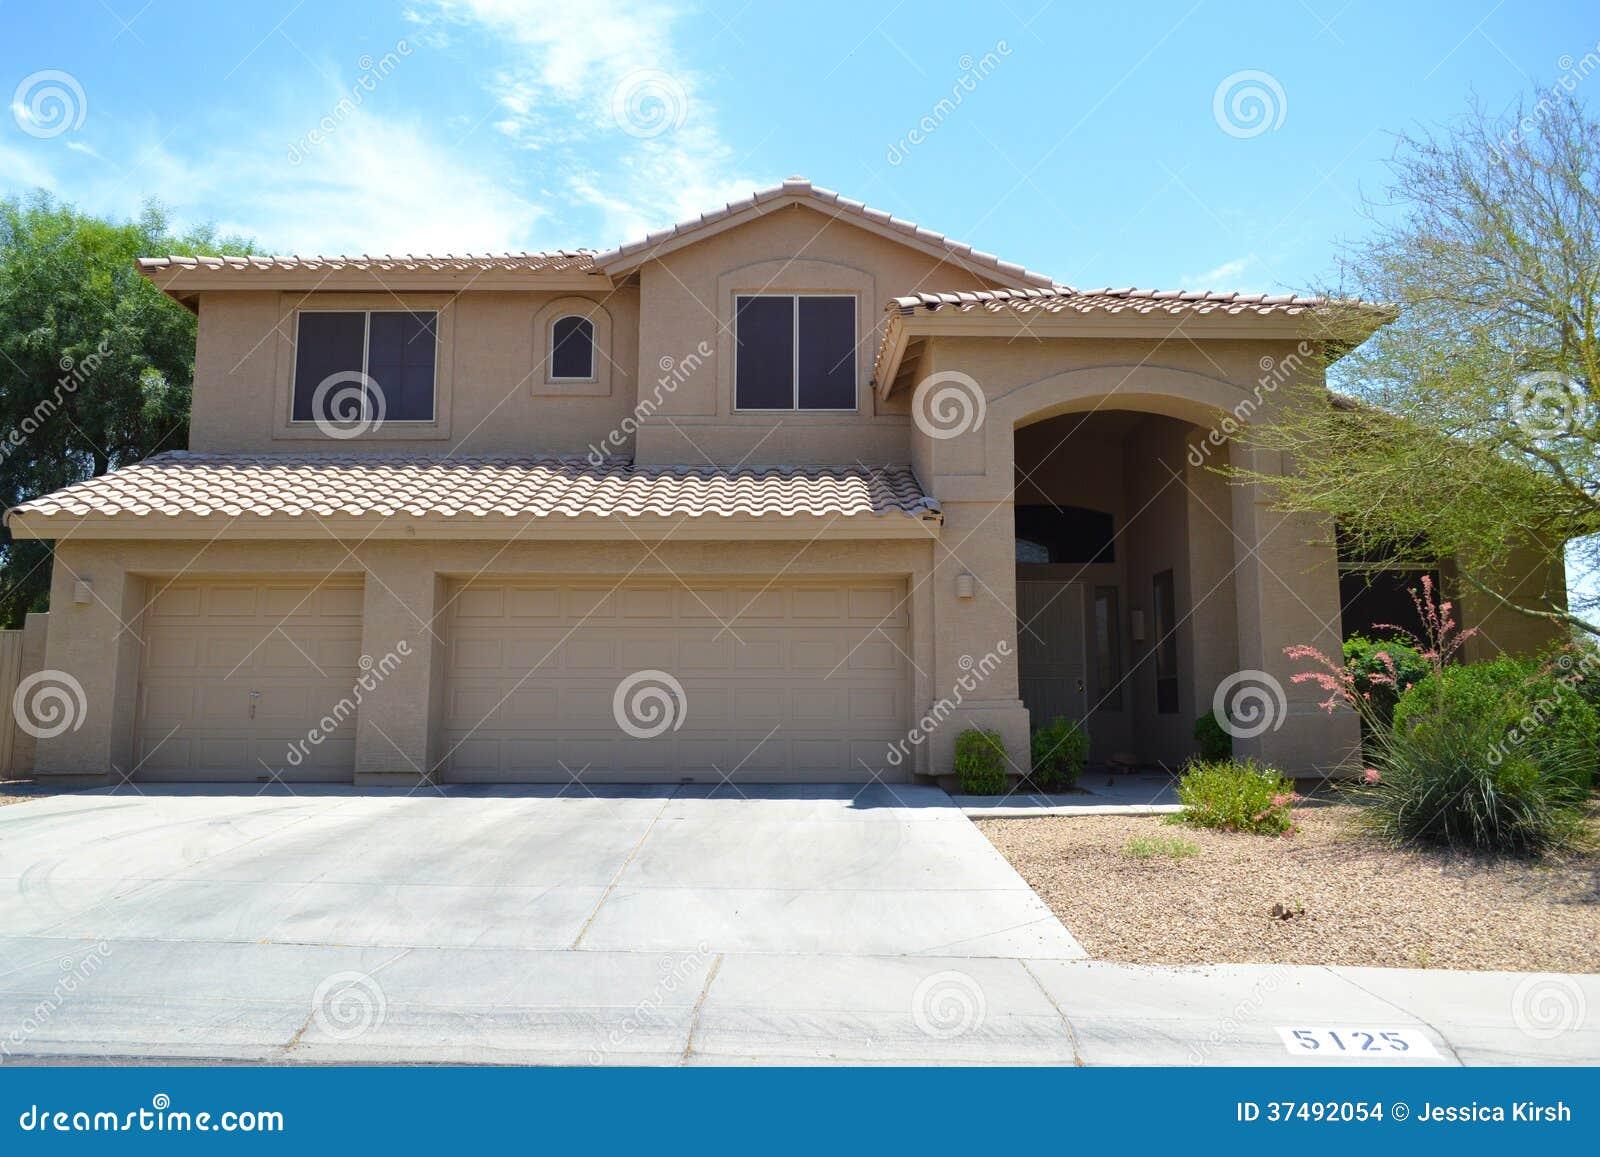 Maison du sud ouest 28 images maison a vendre sud for Achat maison sud ouest